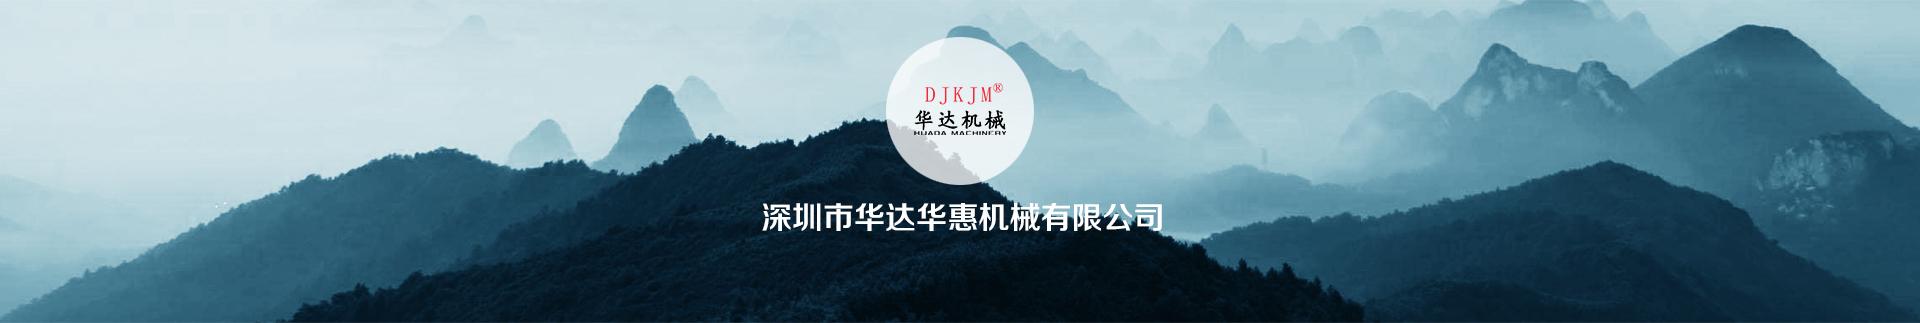 深圳市華達華惠機械有限公司